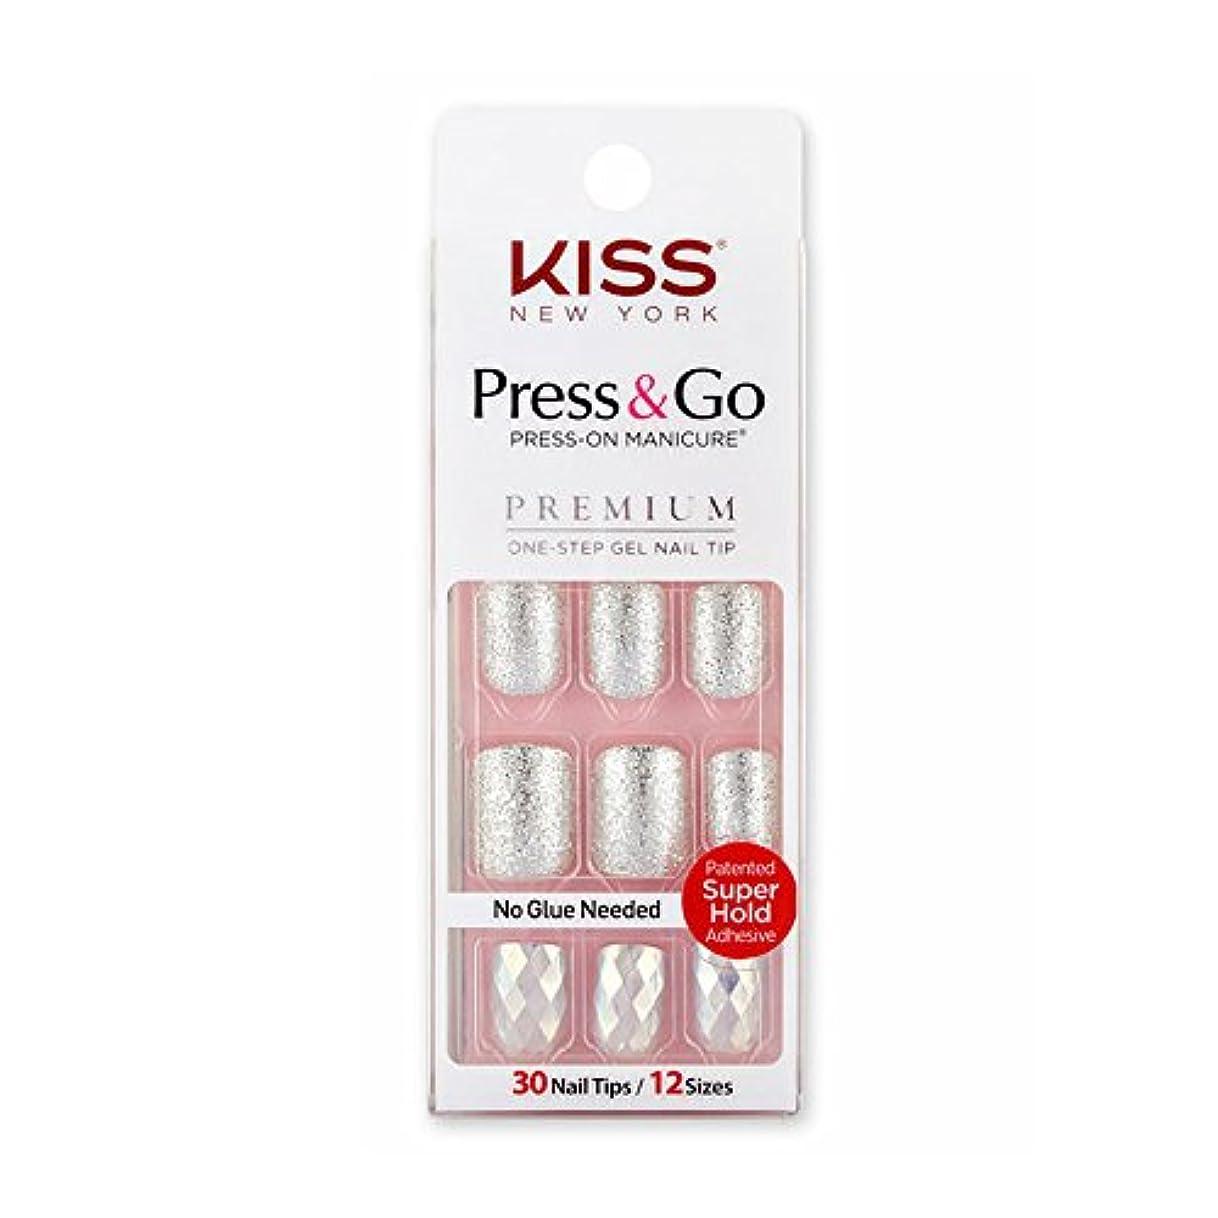 息を切らしてリフレッシュ含める[KISSNEWYORK]キスニューヨークプレスアンドゴーホワイトショットフレンチ(楕円形オーバルタイプ)/1秒成形ネイルPNG0102K付けるネイルPRESS&GO PRESS-ON MANICURE One-Step...